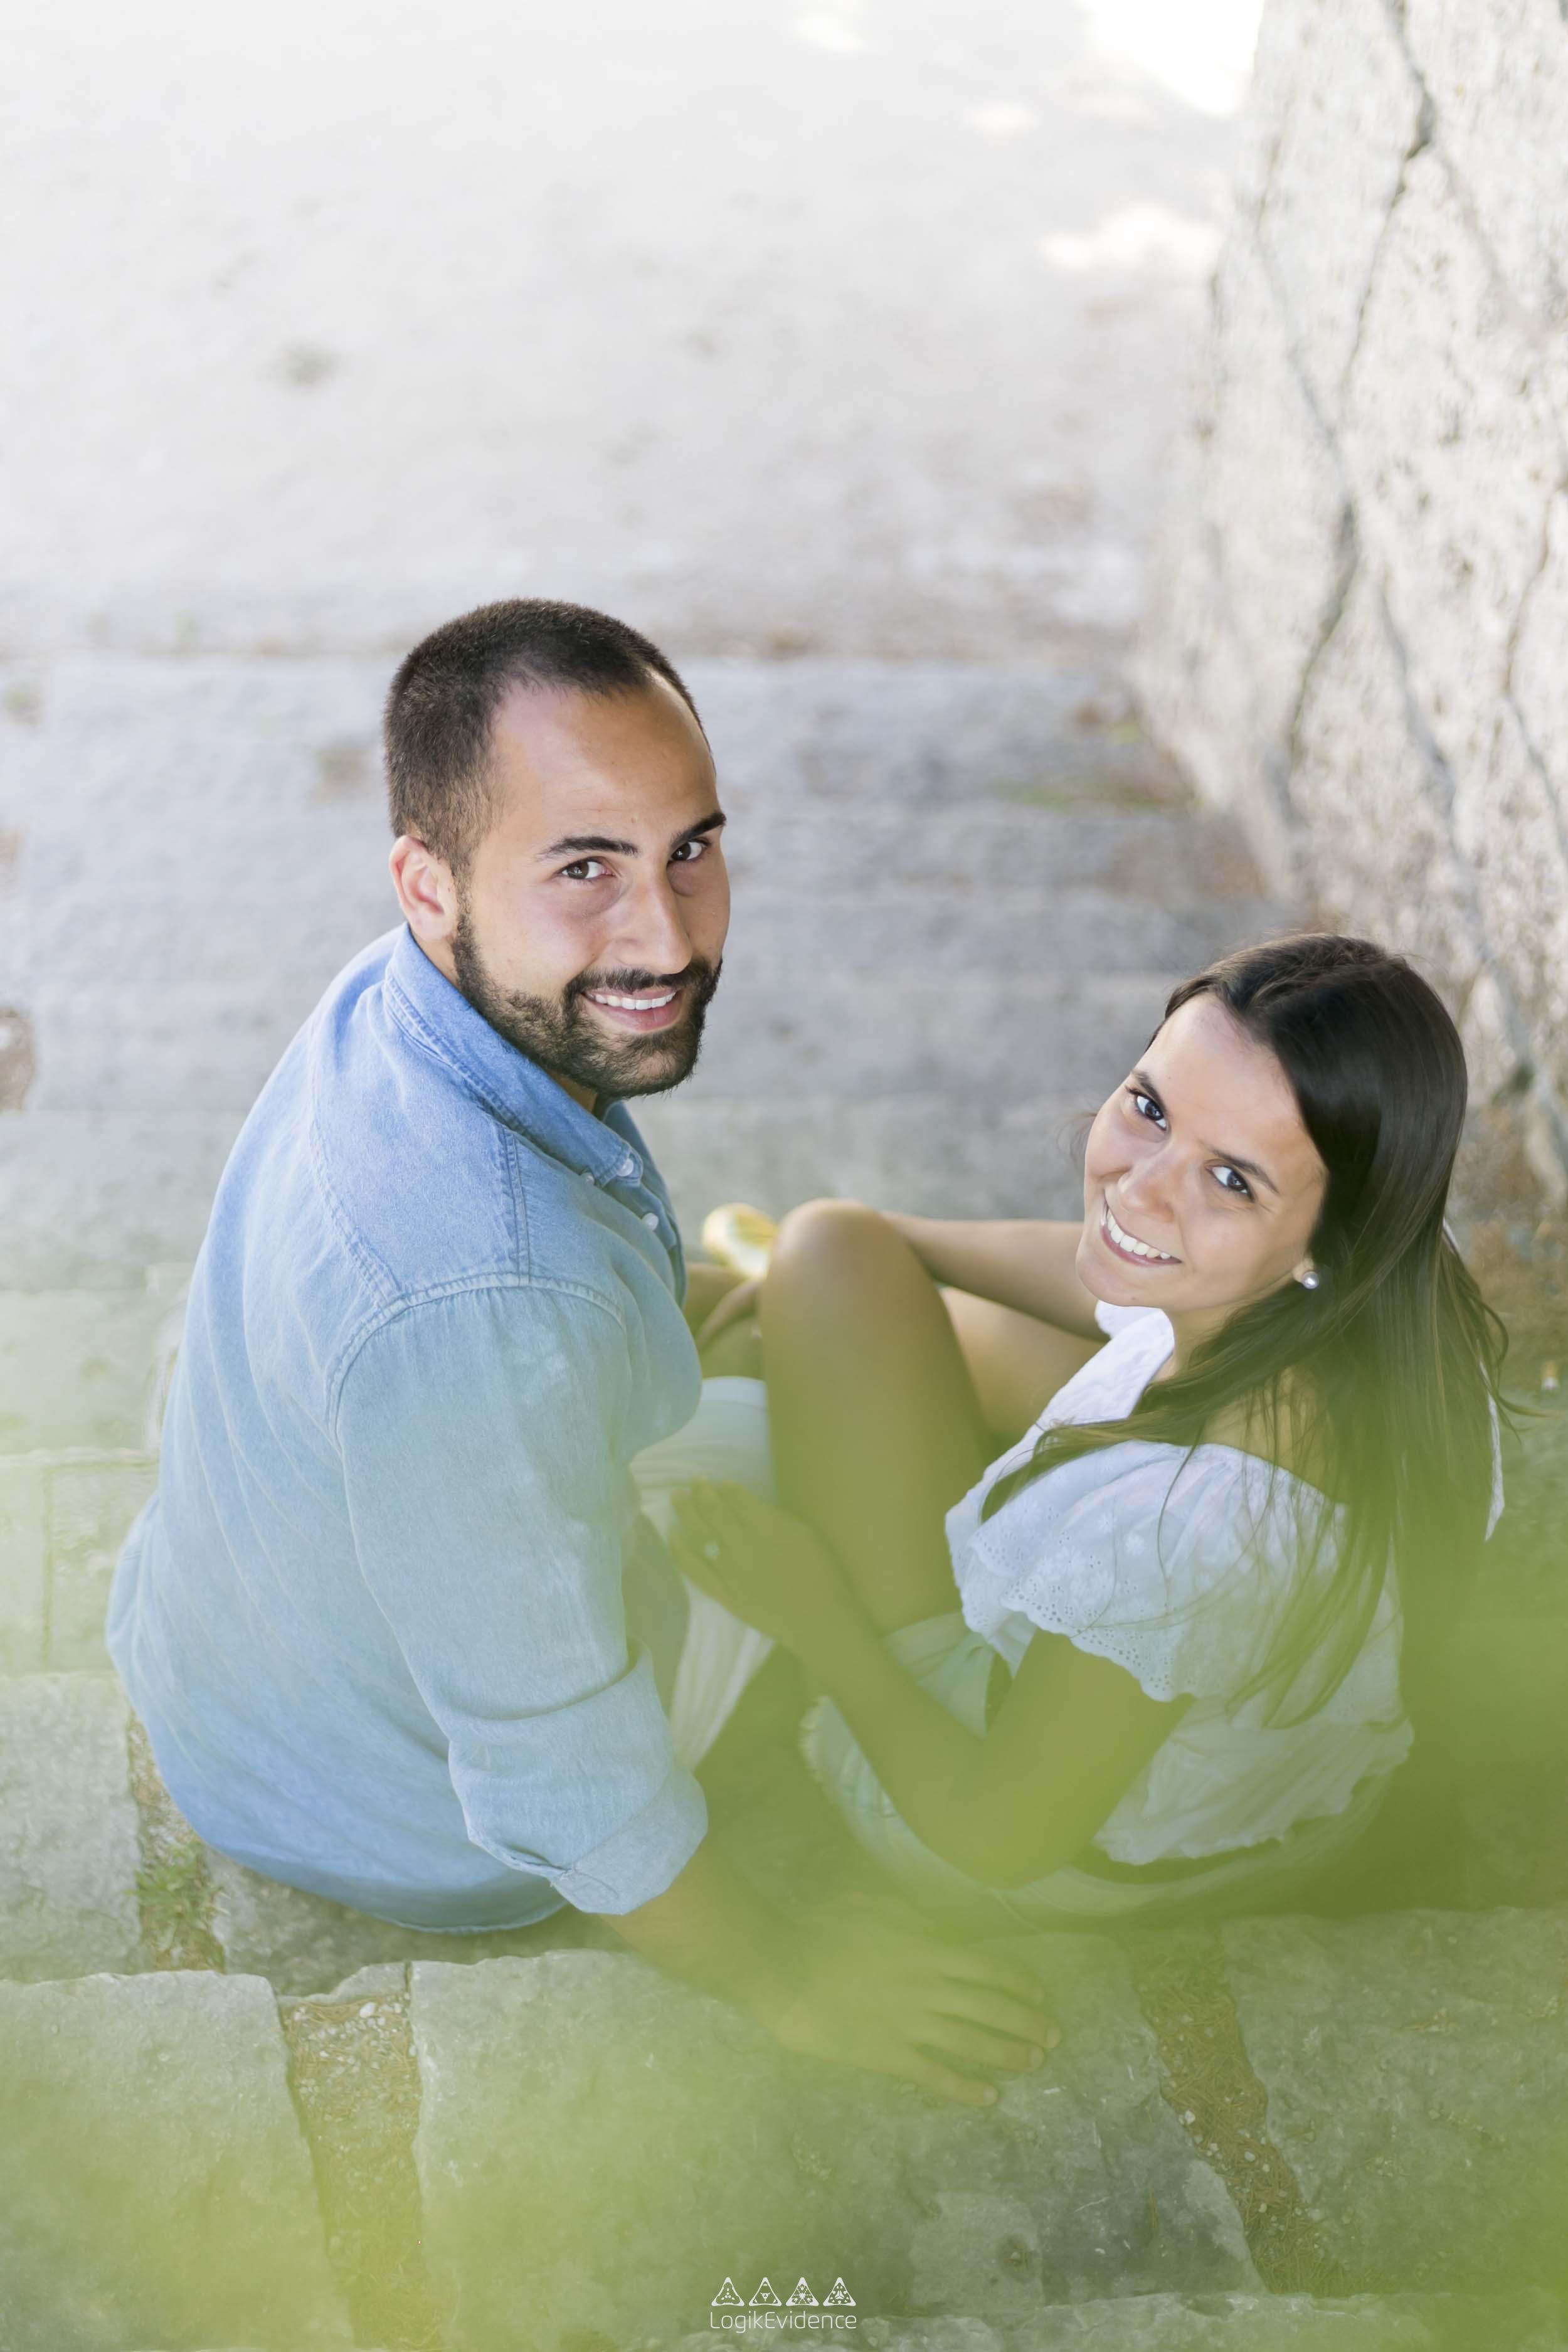 Margarida&Luis_pre-entrega_LE006 copiar.jpg